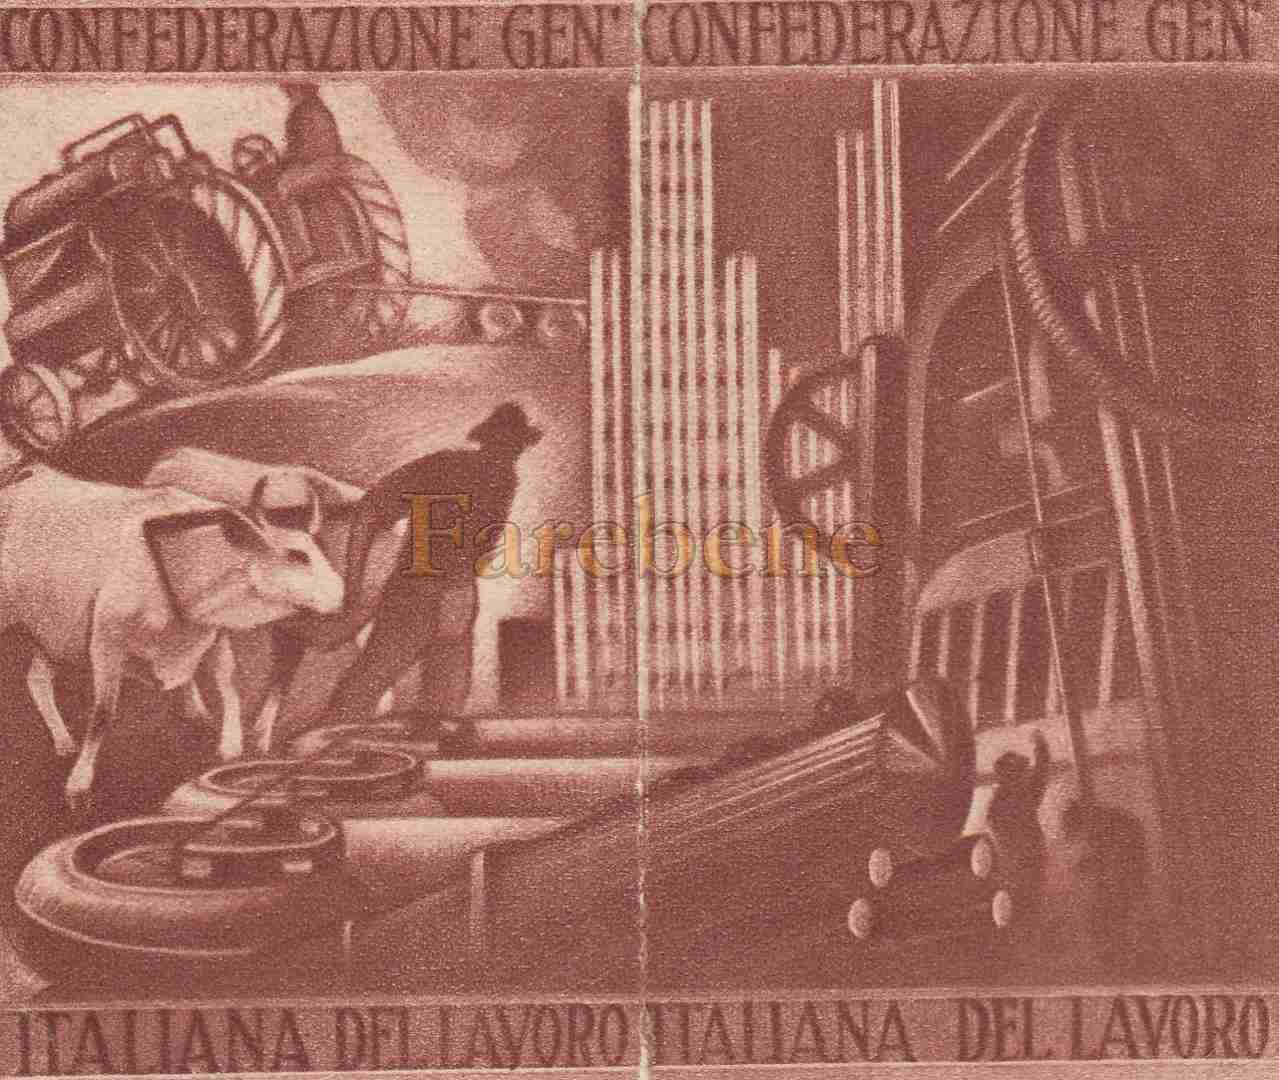 tessera-Cgil-1945-a